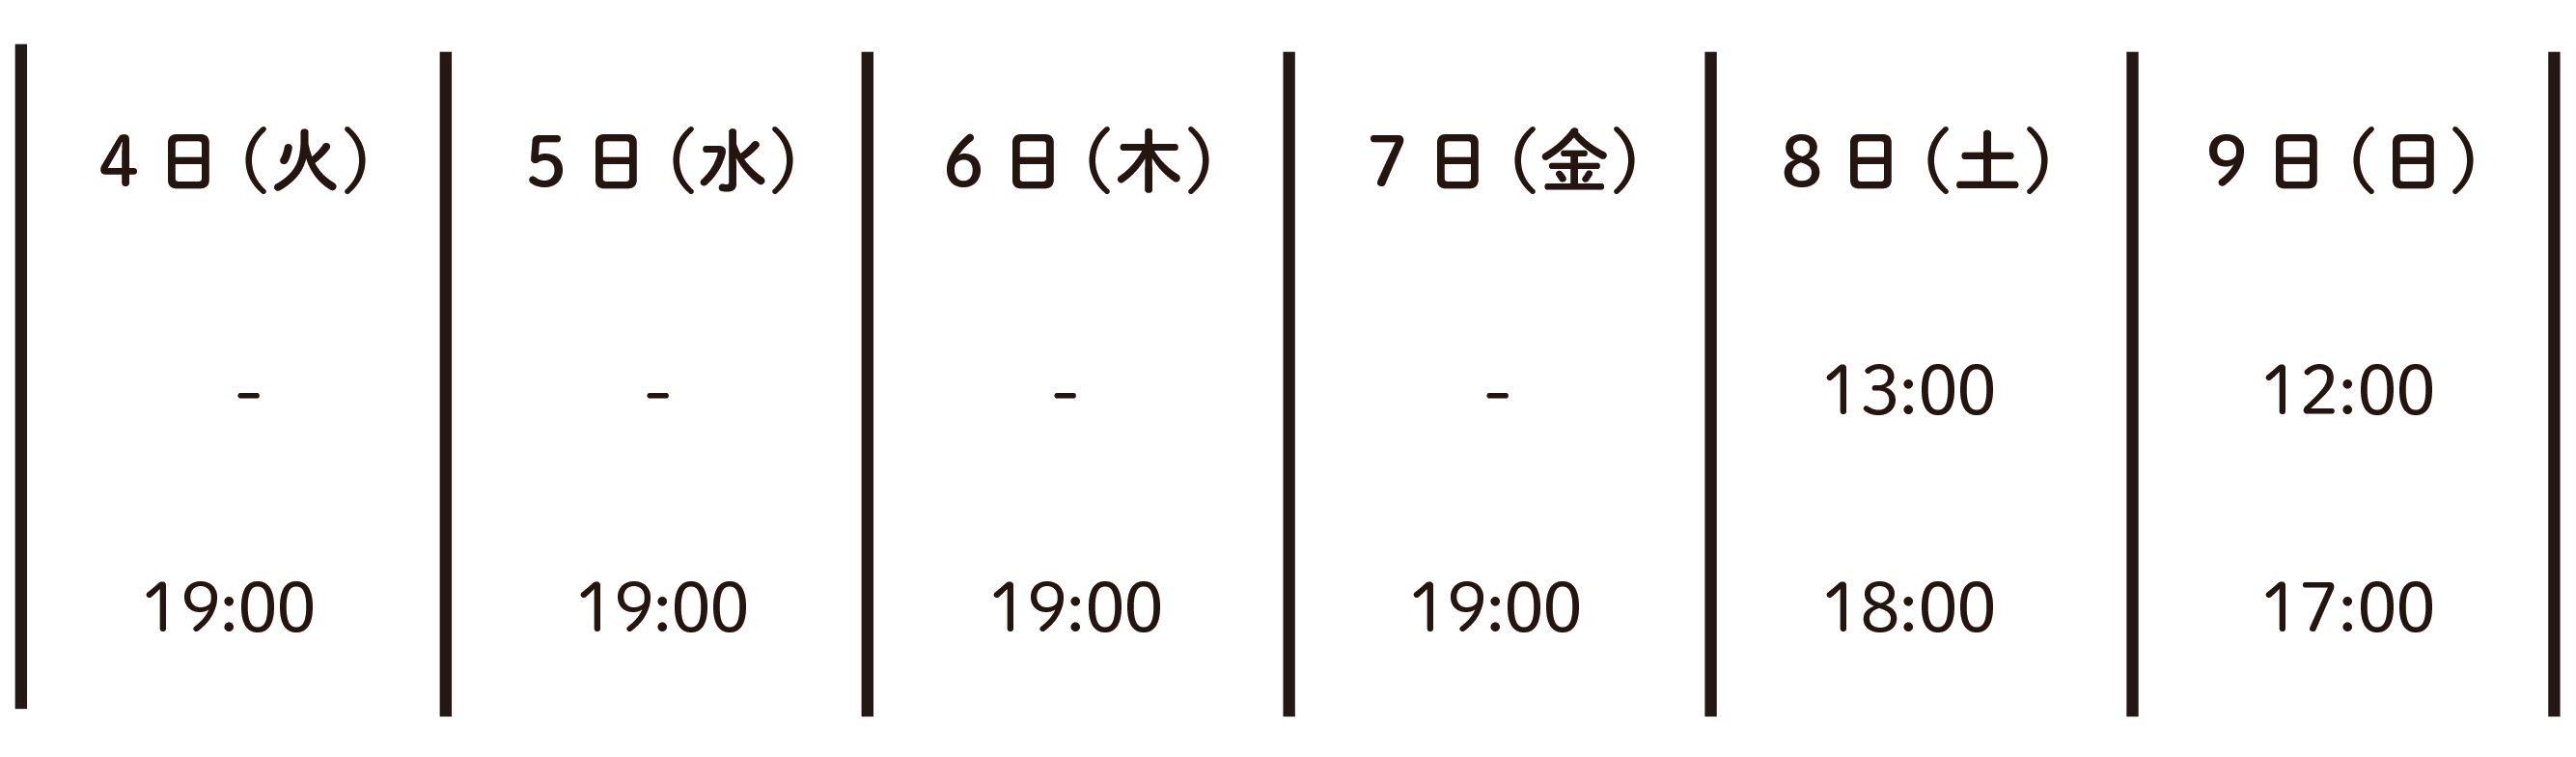 演劇チラシの日程デザイン 縦線タイプ